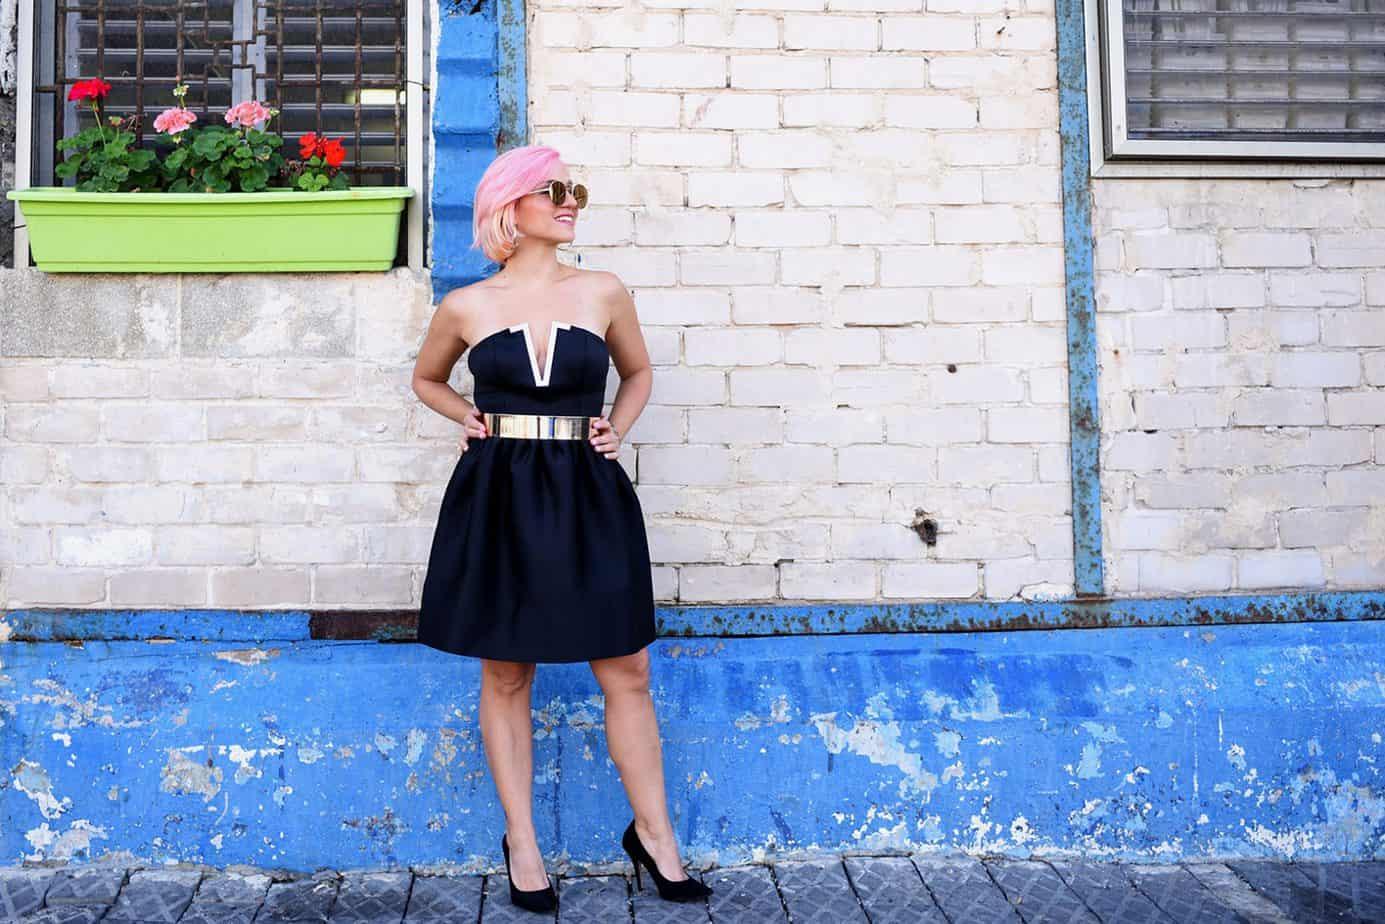 נעלי עקב ניוד Aldo שמלה שחורה asos, מורן טרסוב, Moran Tarasov, צילום: לימור יערי - 5